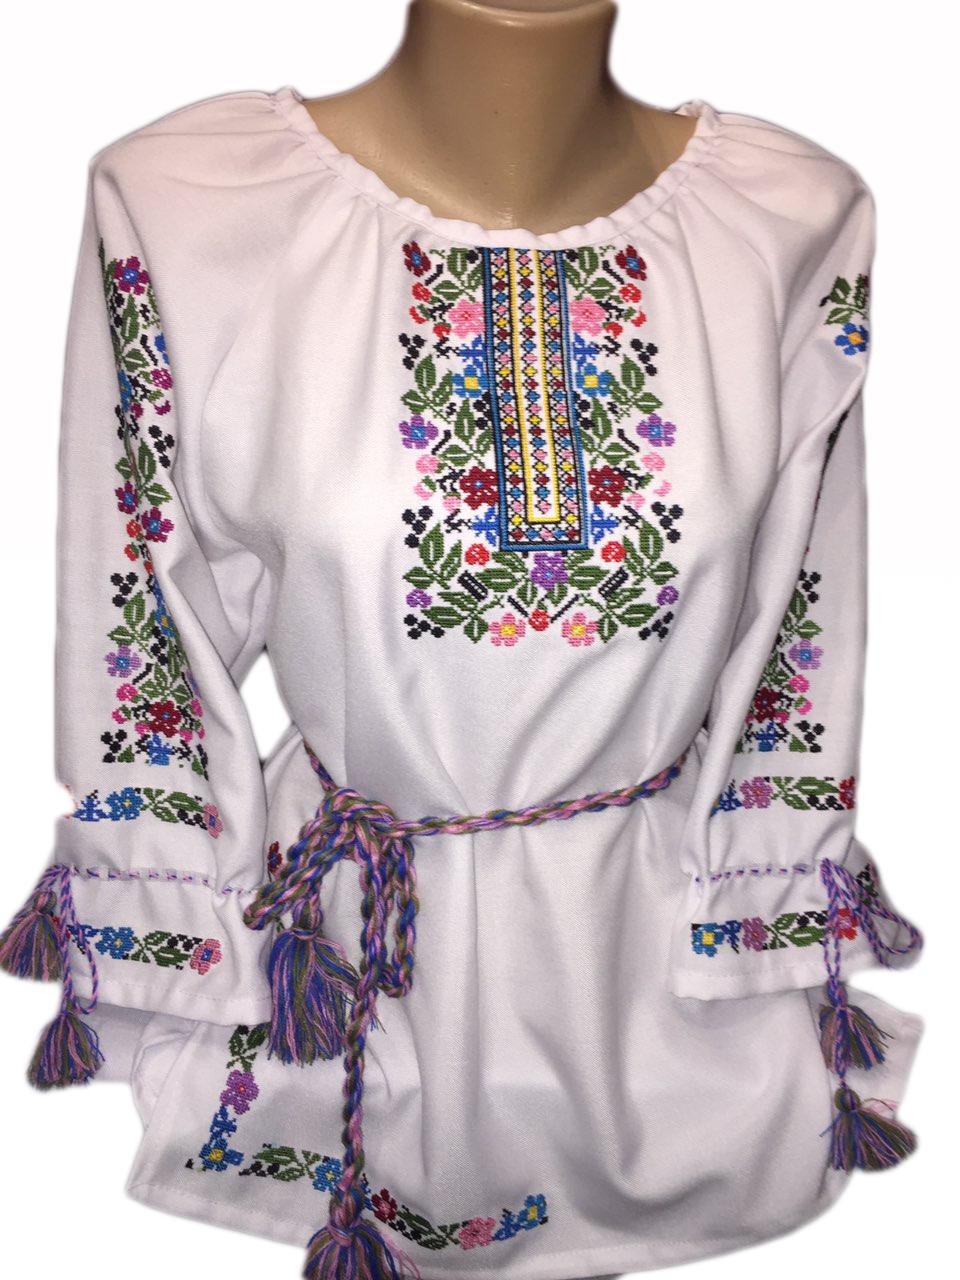 """Жіноча вишита сорочка (блузка) """"Розет"""" (Женская вышитая рубашка (блузка) """"Розет"""") BI-0014"""